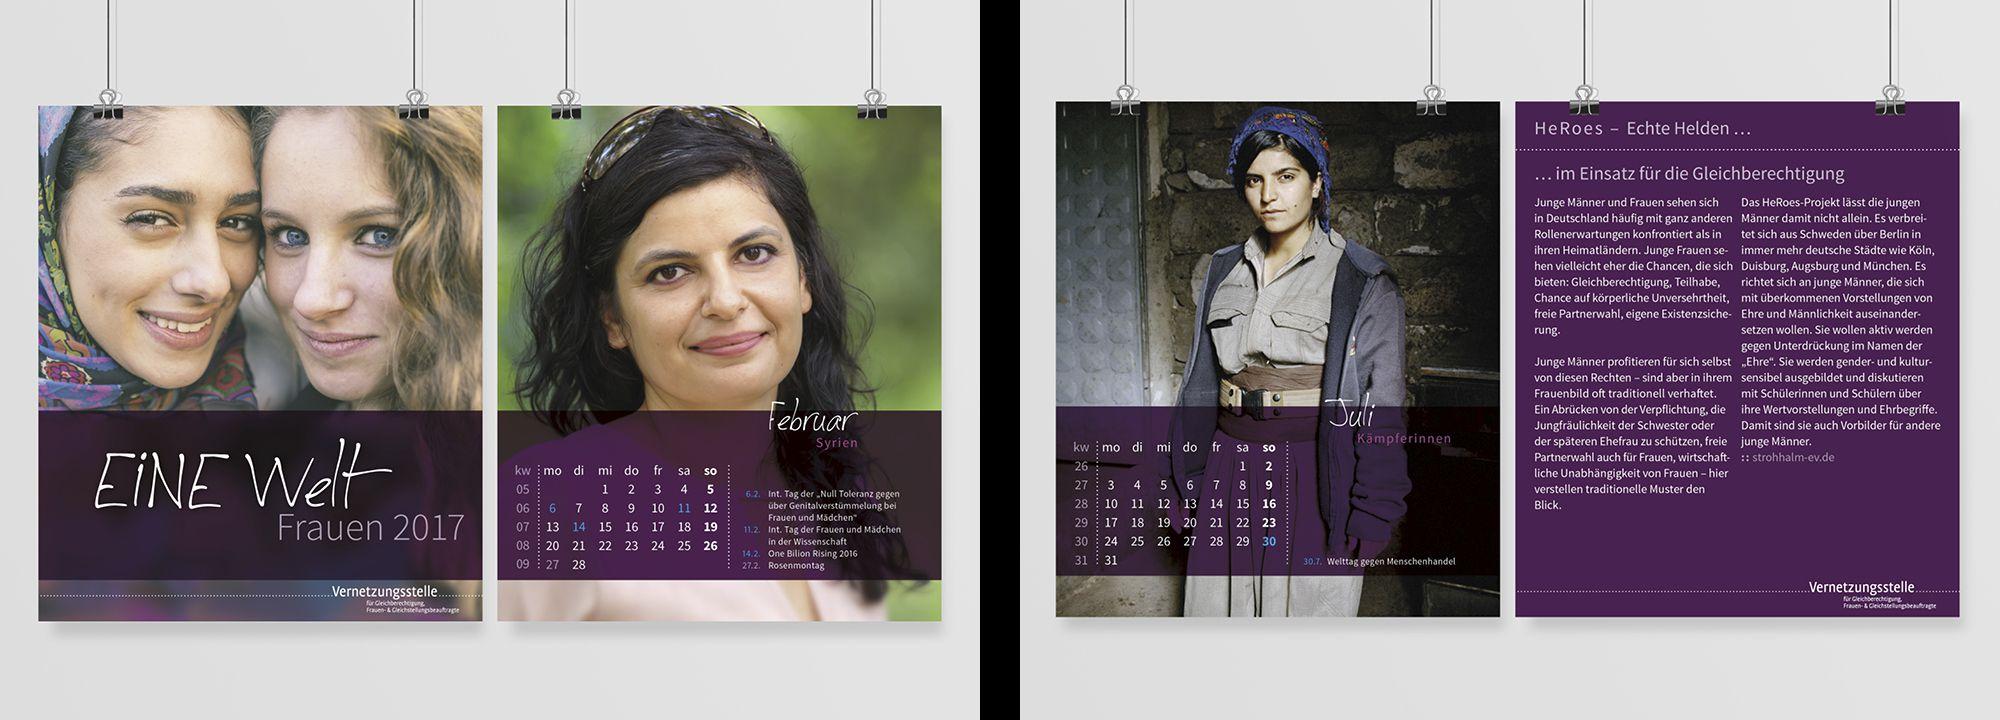 Frauenkalender 2017